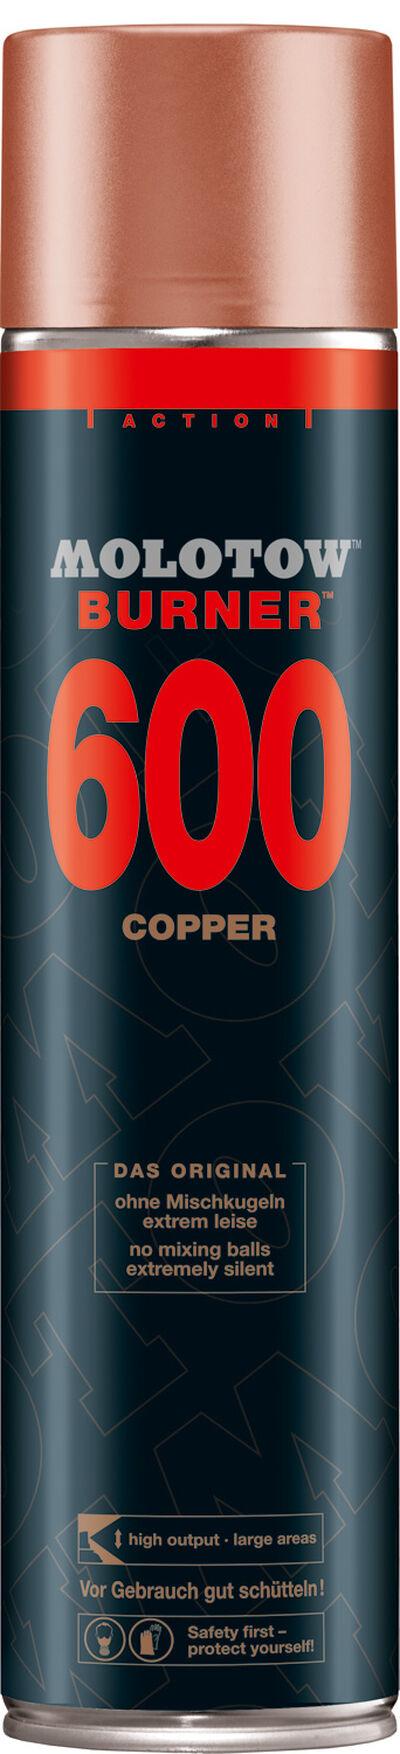 Burner Kupfer 600